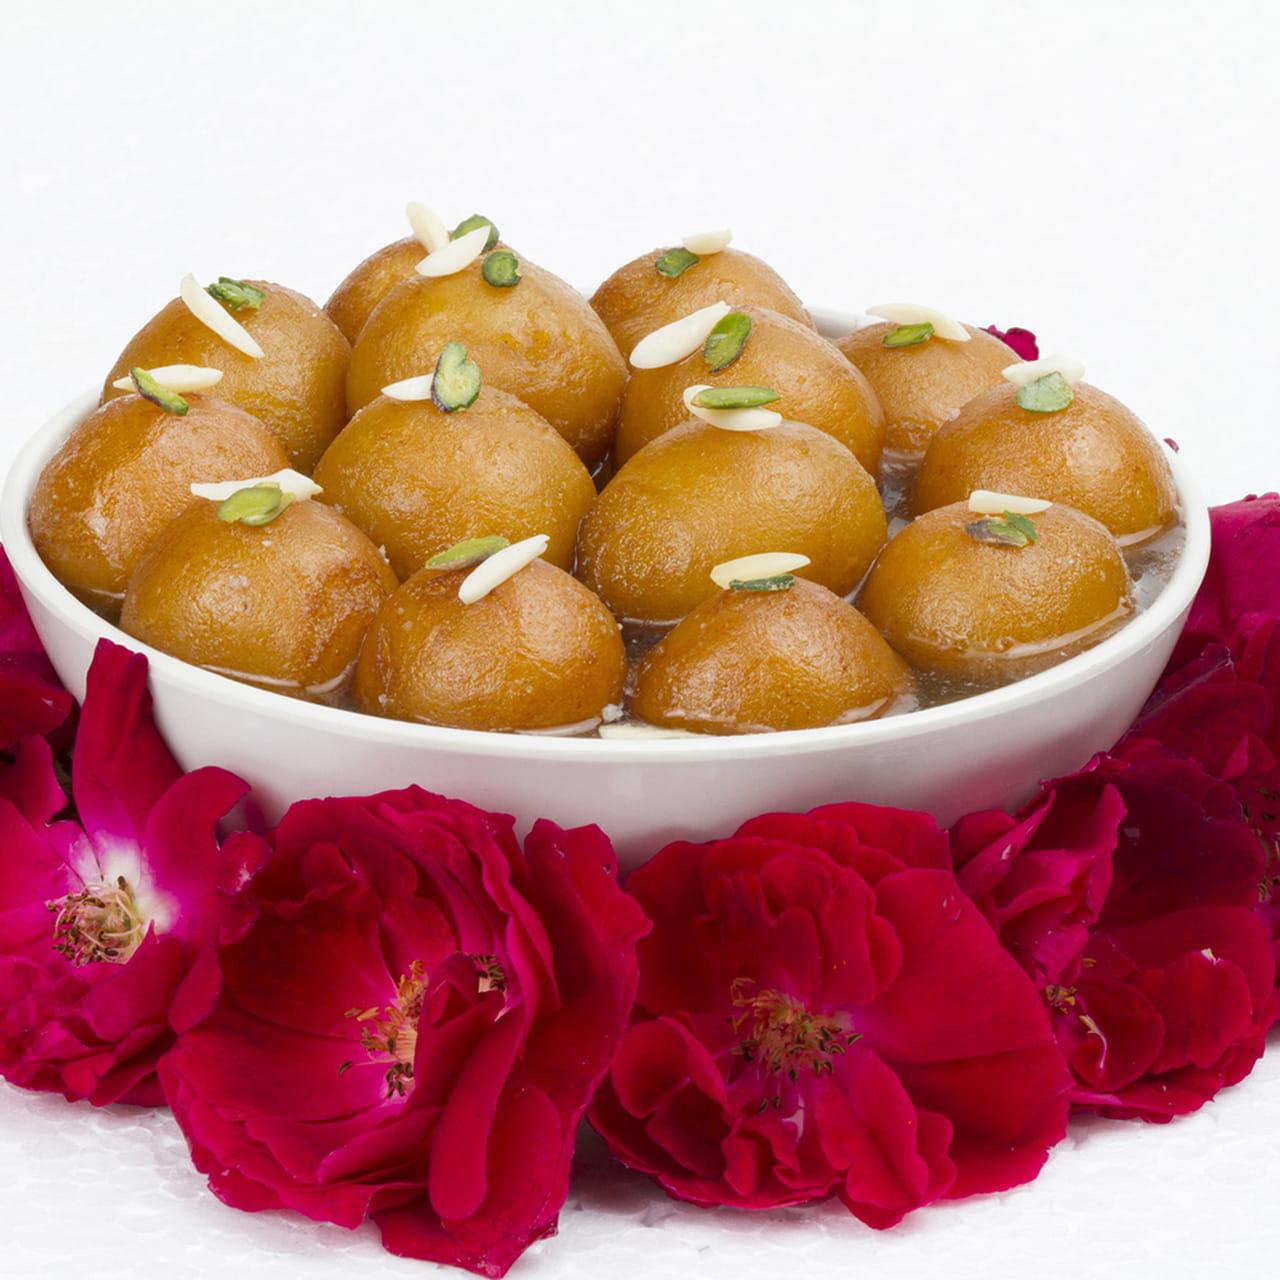 طريقة عمل حلوي هندية: جولاب جامون 2673577